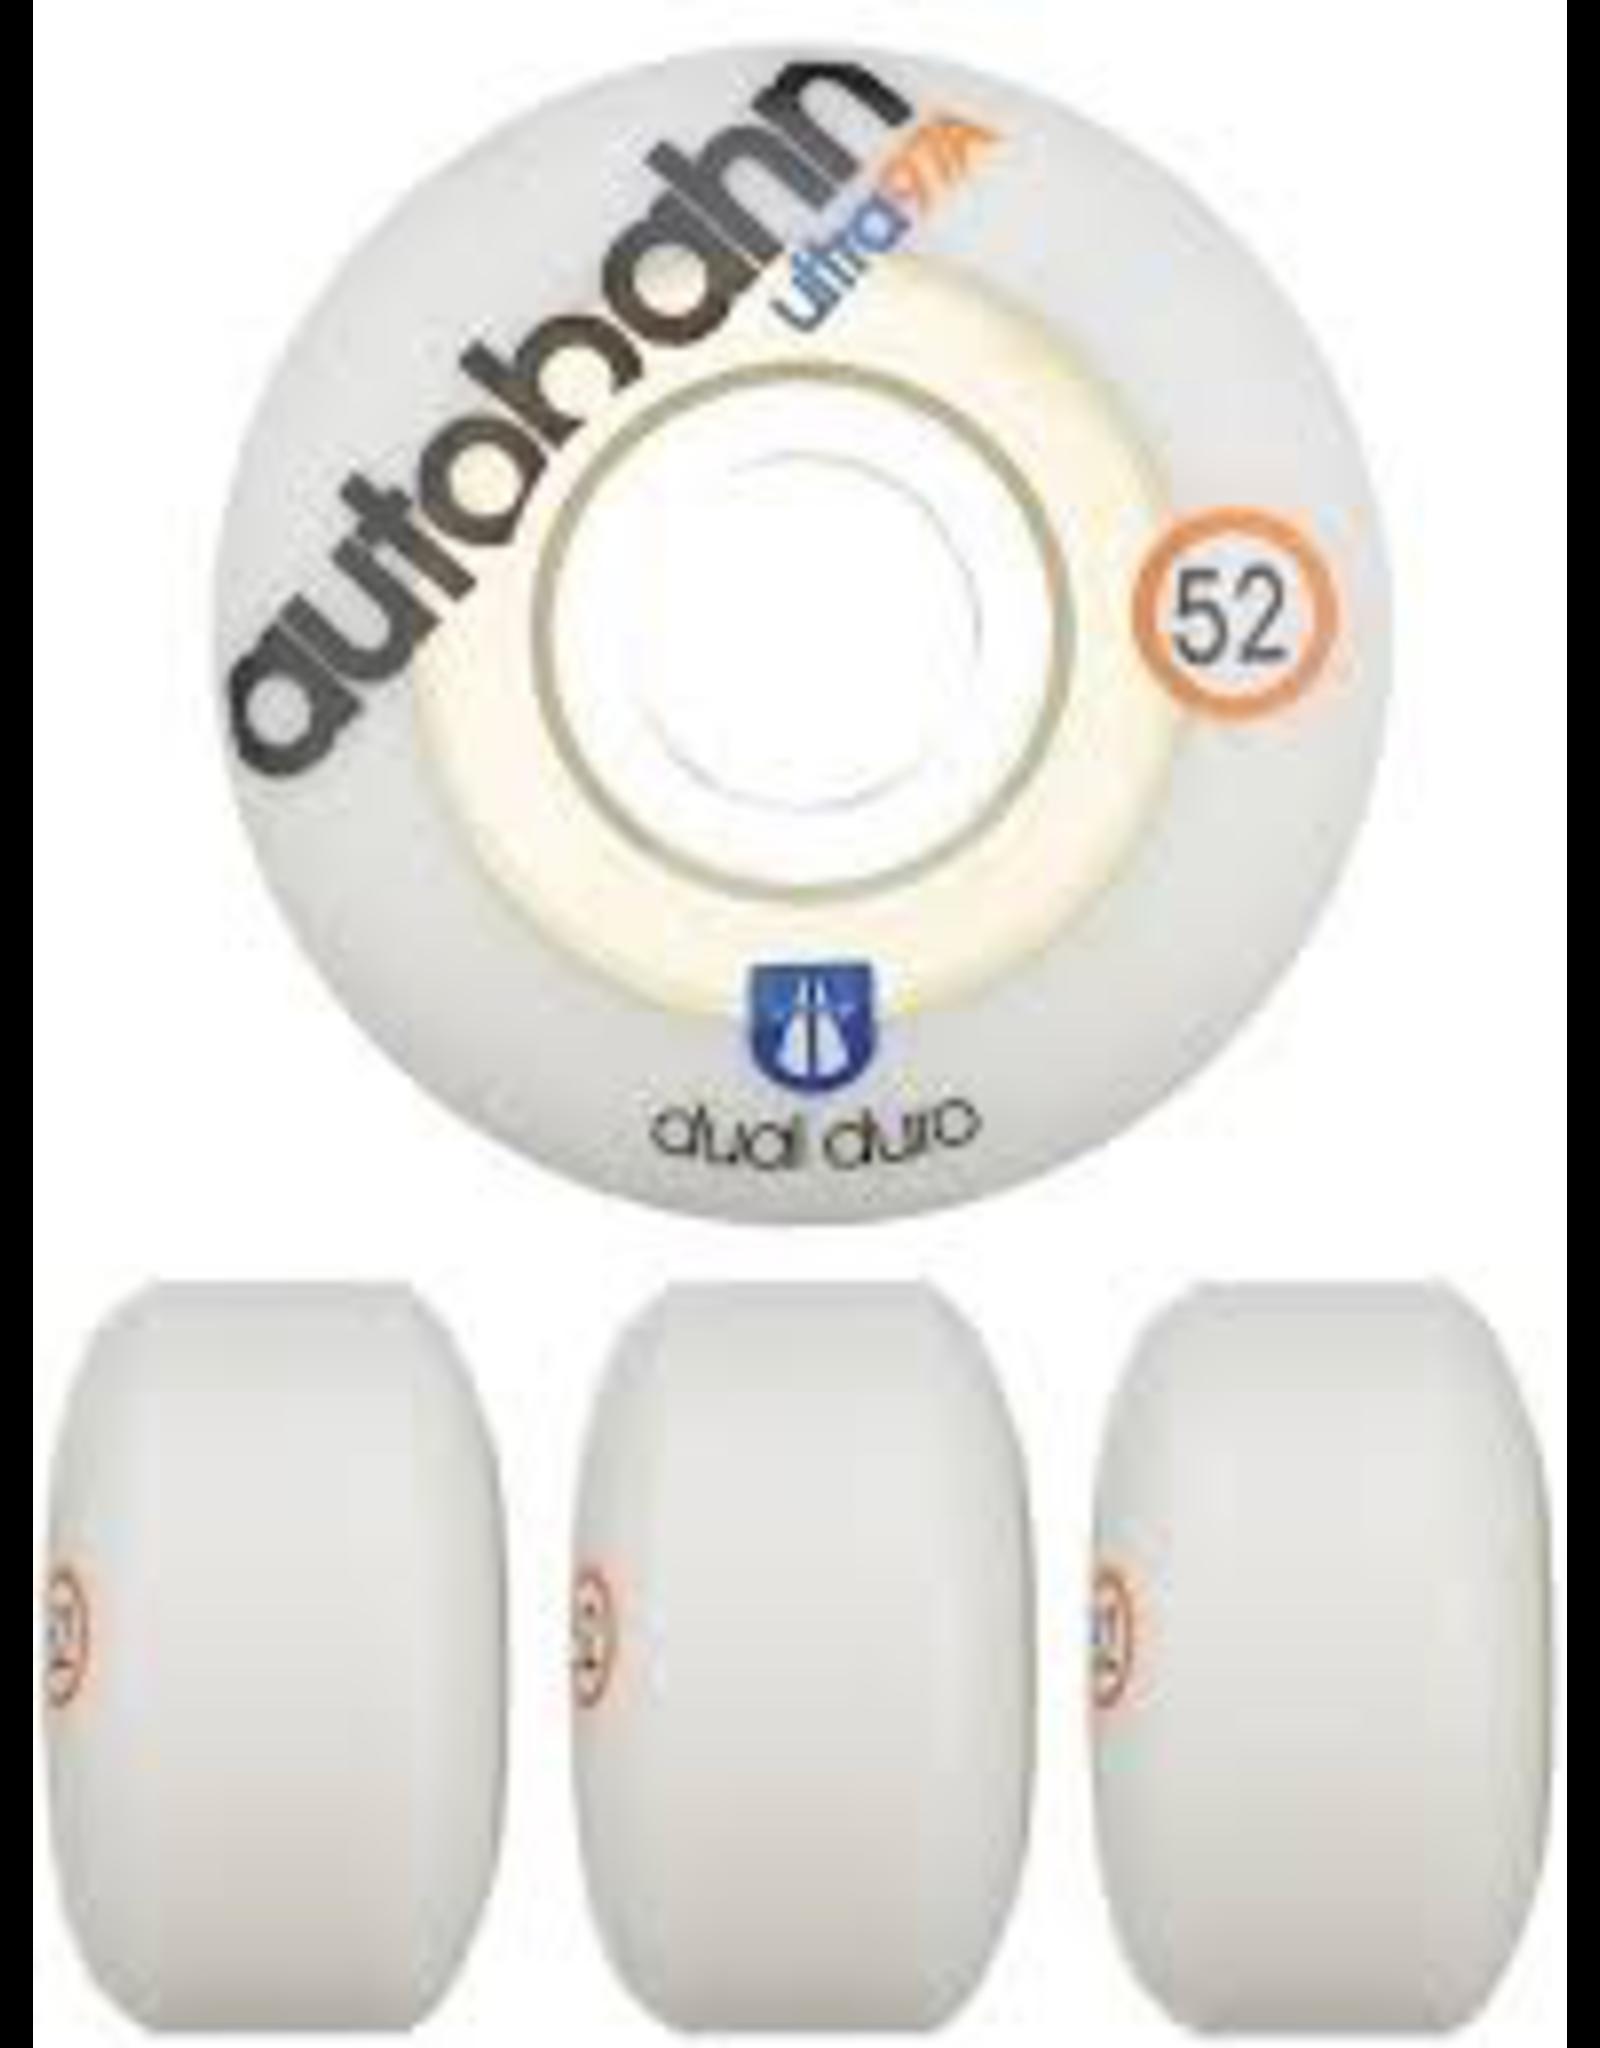 AUTOBAHN Autobahn Dual Durometer Ultra Classic 97a Wheels